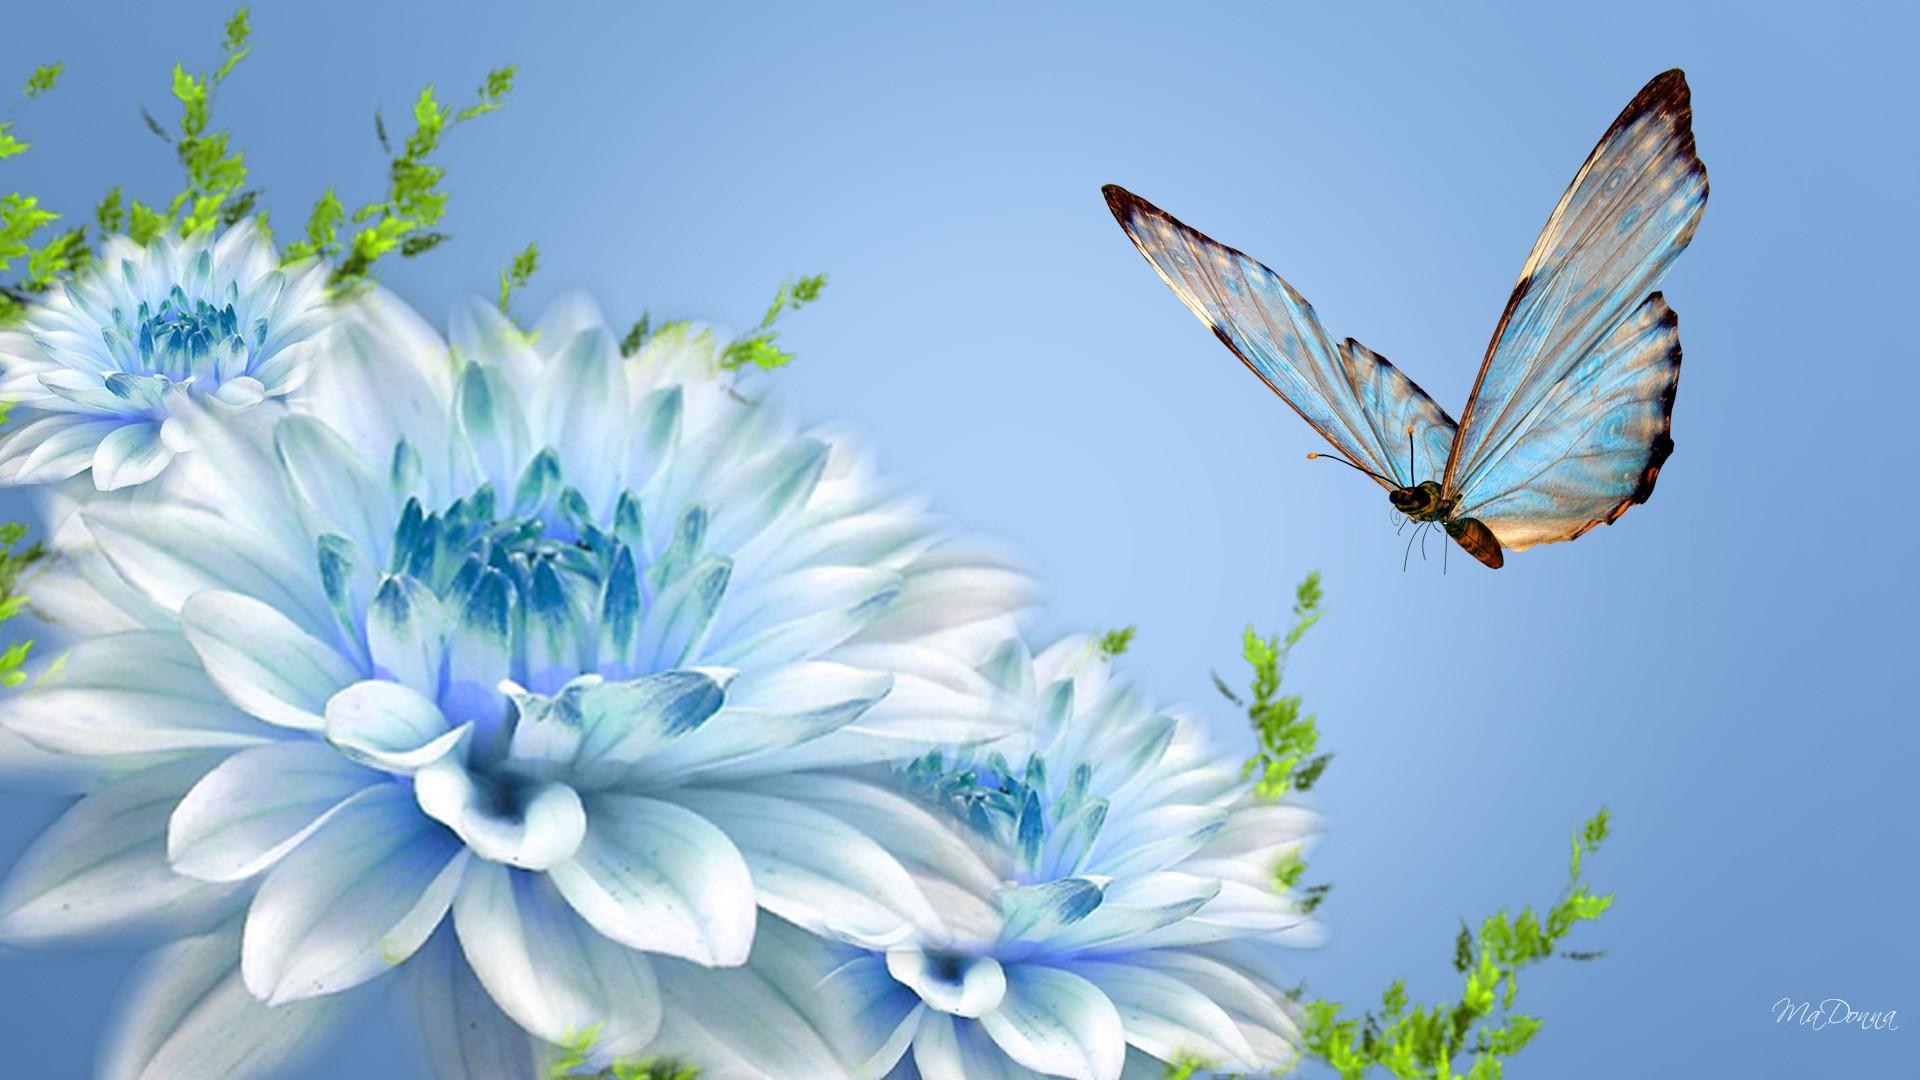 Www 3d Flower Wallpaper Com Blue Flowers In Spring 23 Free Wallpaper